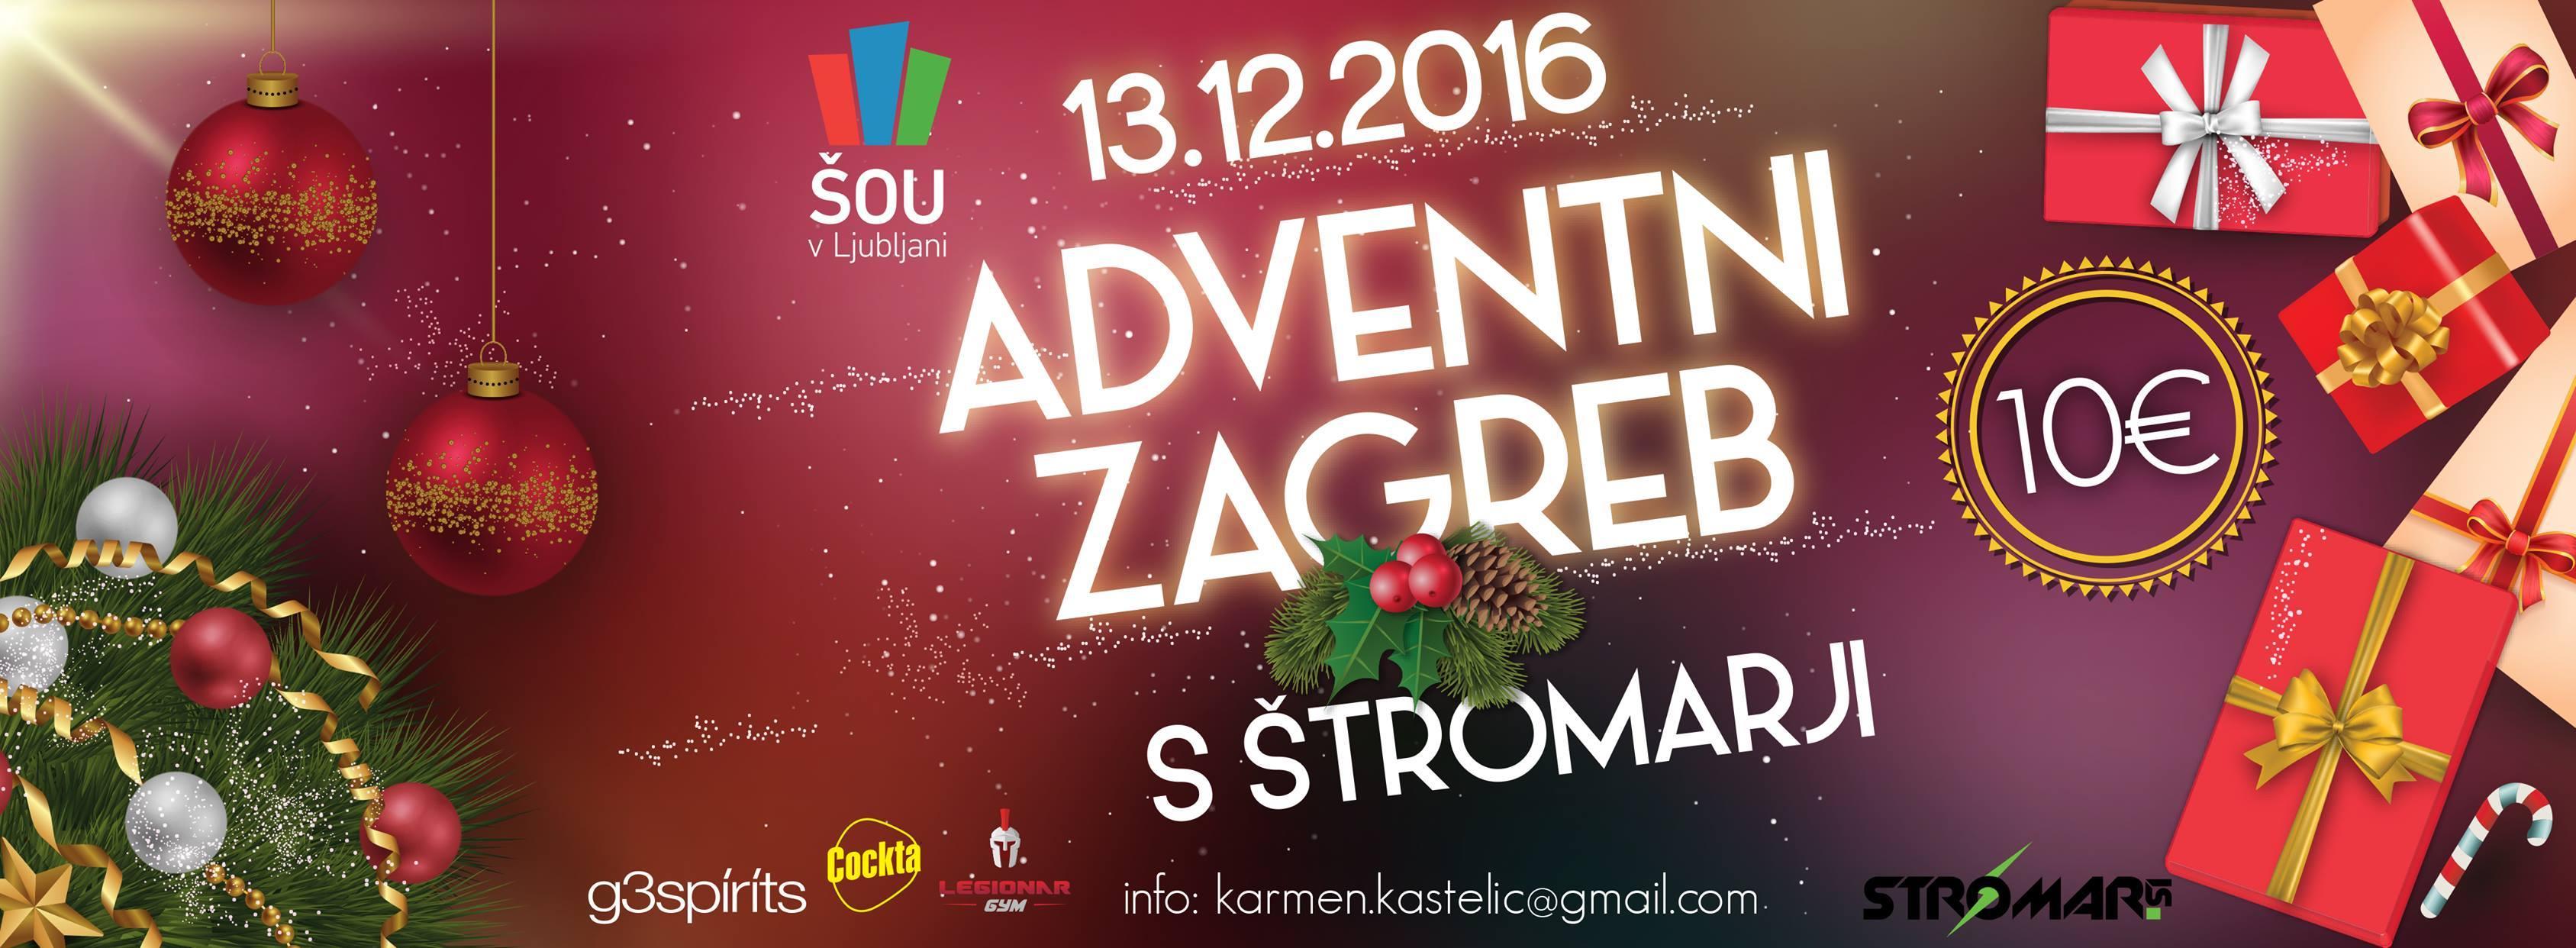 Adventni Zagreb s ŠOU v Ljubljani - Stromar.si